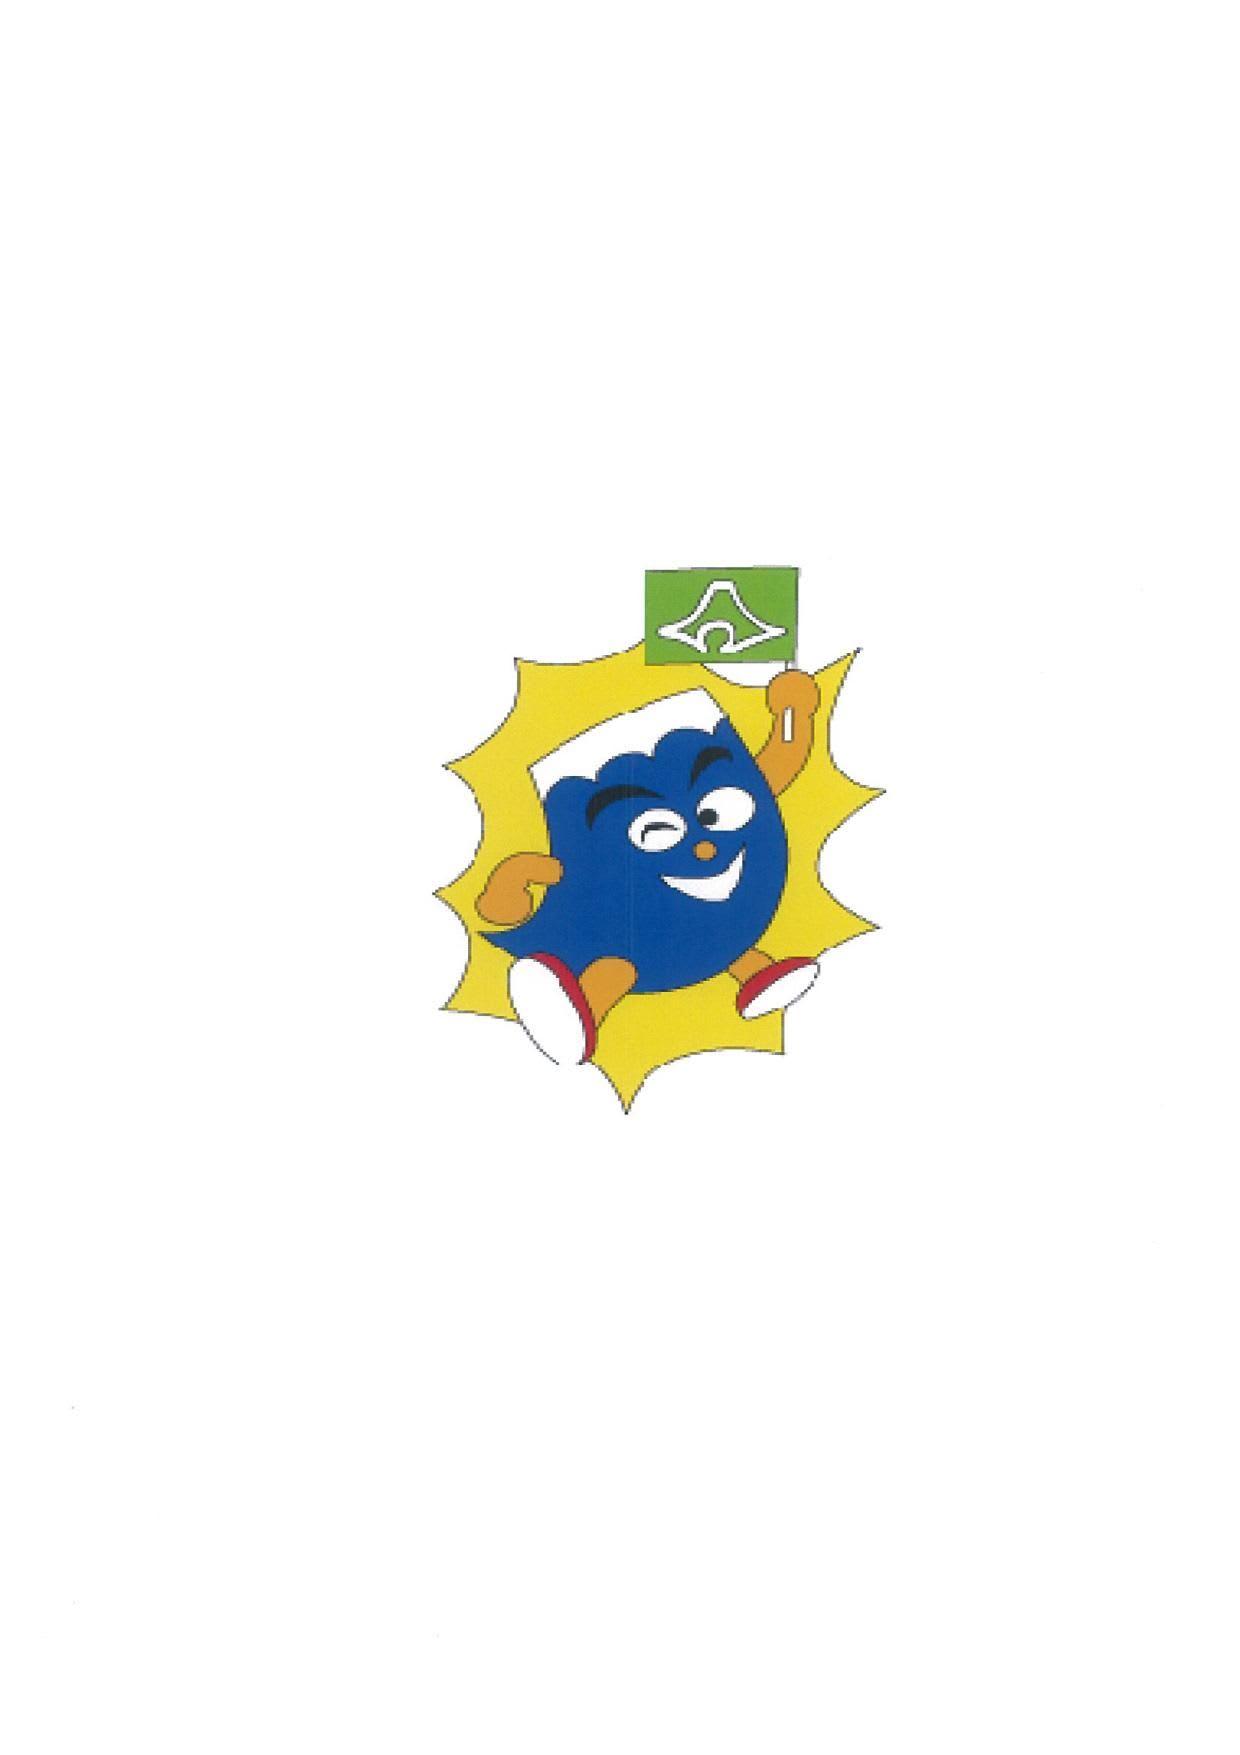 障害者スポーツ指導者 - 鹿児島県障害者スポーツ情 …